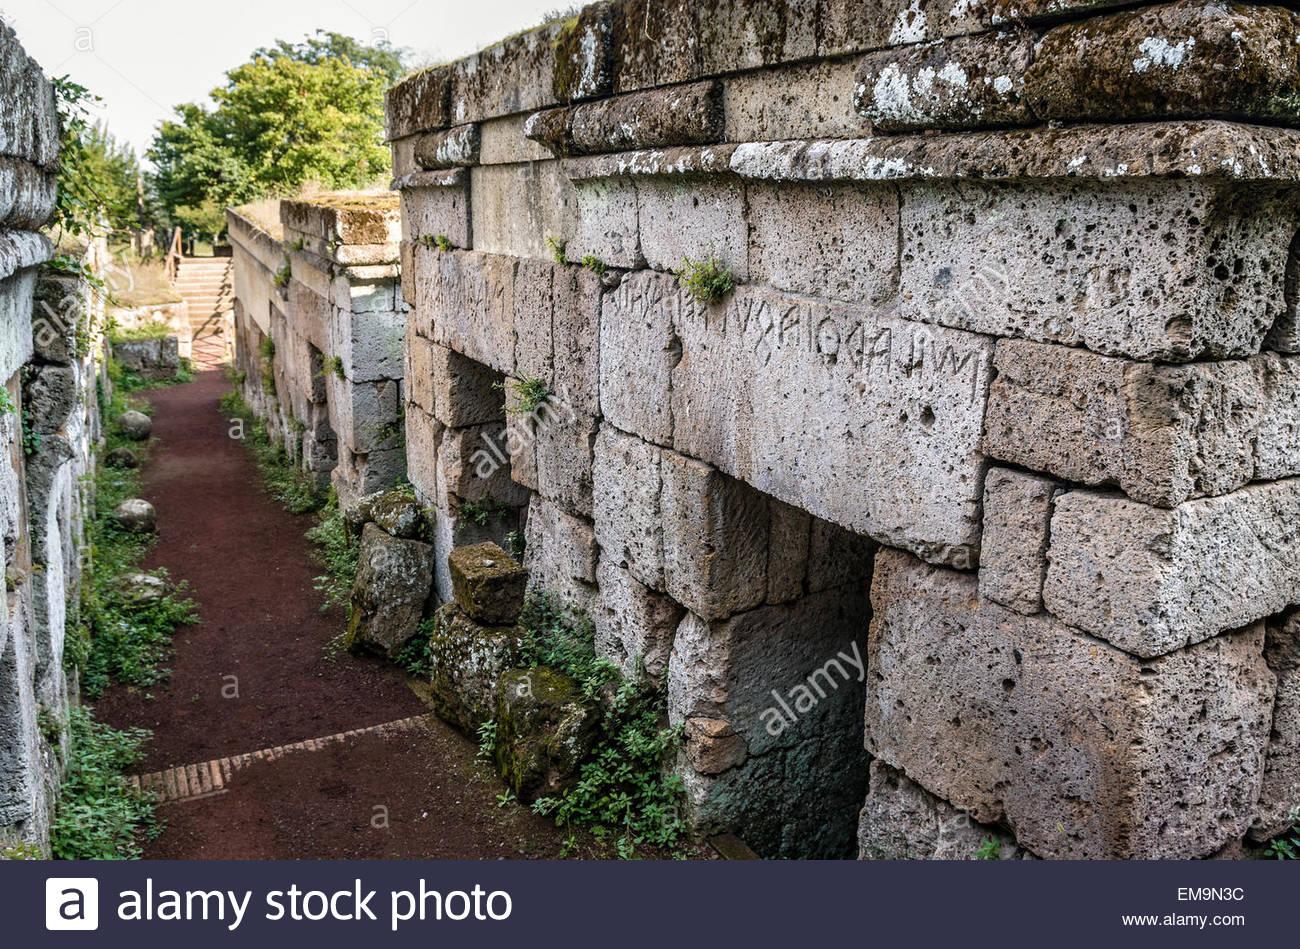 la-necropoli-etrusca-di-crocifisso-del-tufo-a-orvieto-umbria-italia-em9n3c